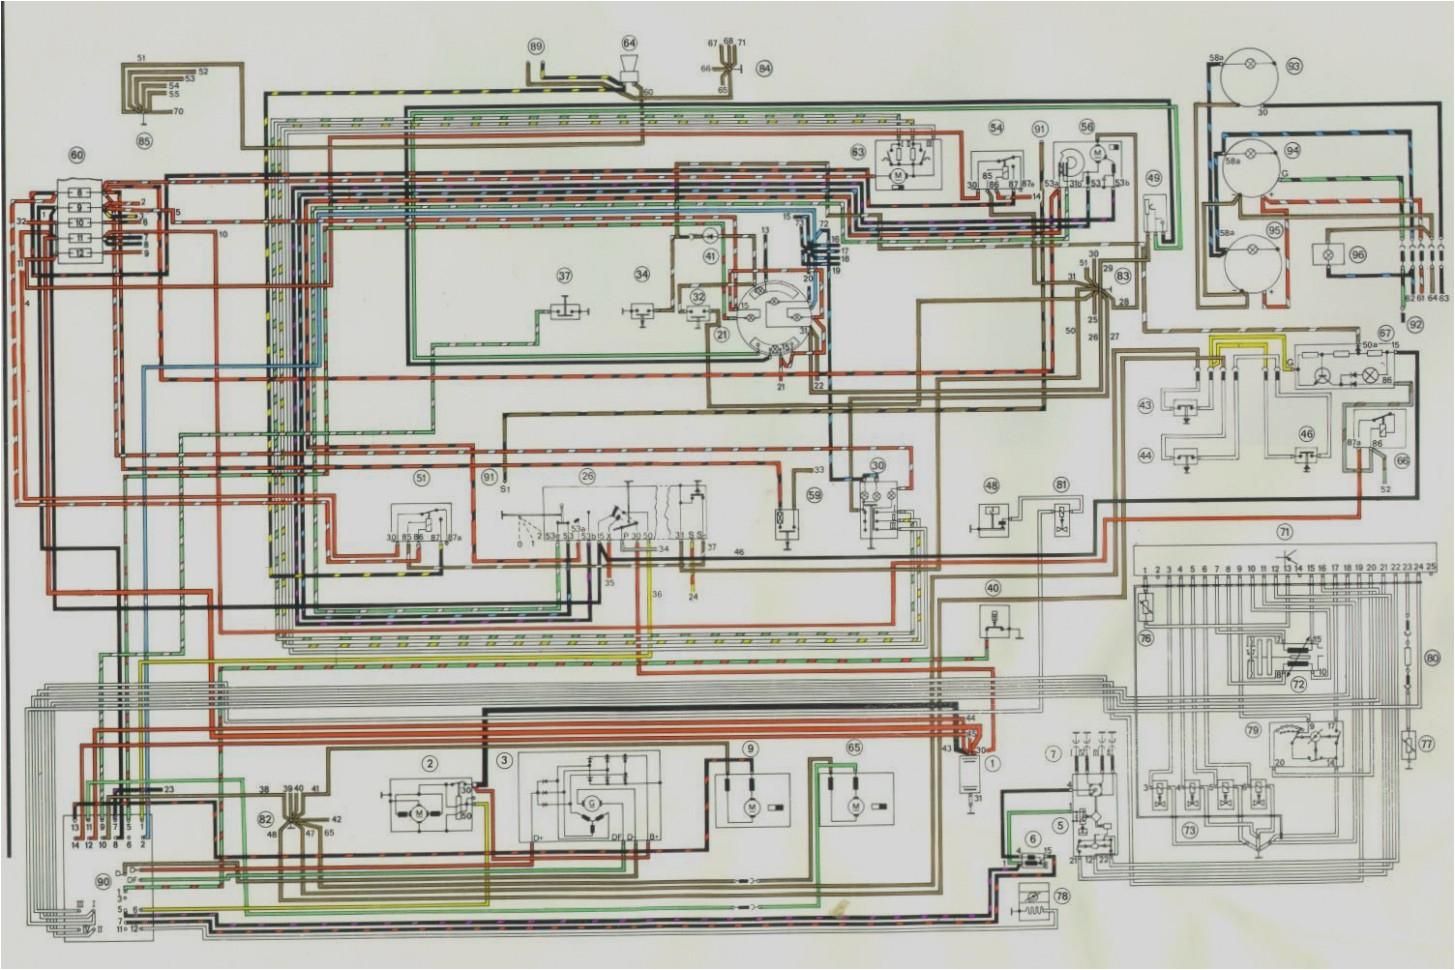 porsche engine diagram 1990 wiring diagram sheet porsche engine diagram 1990